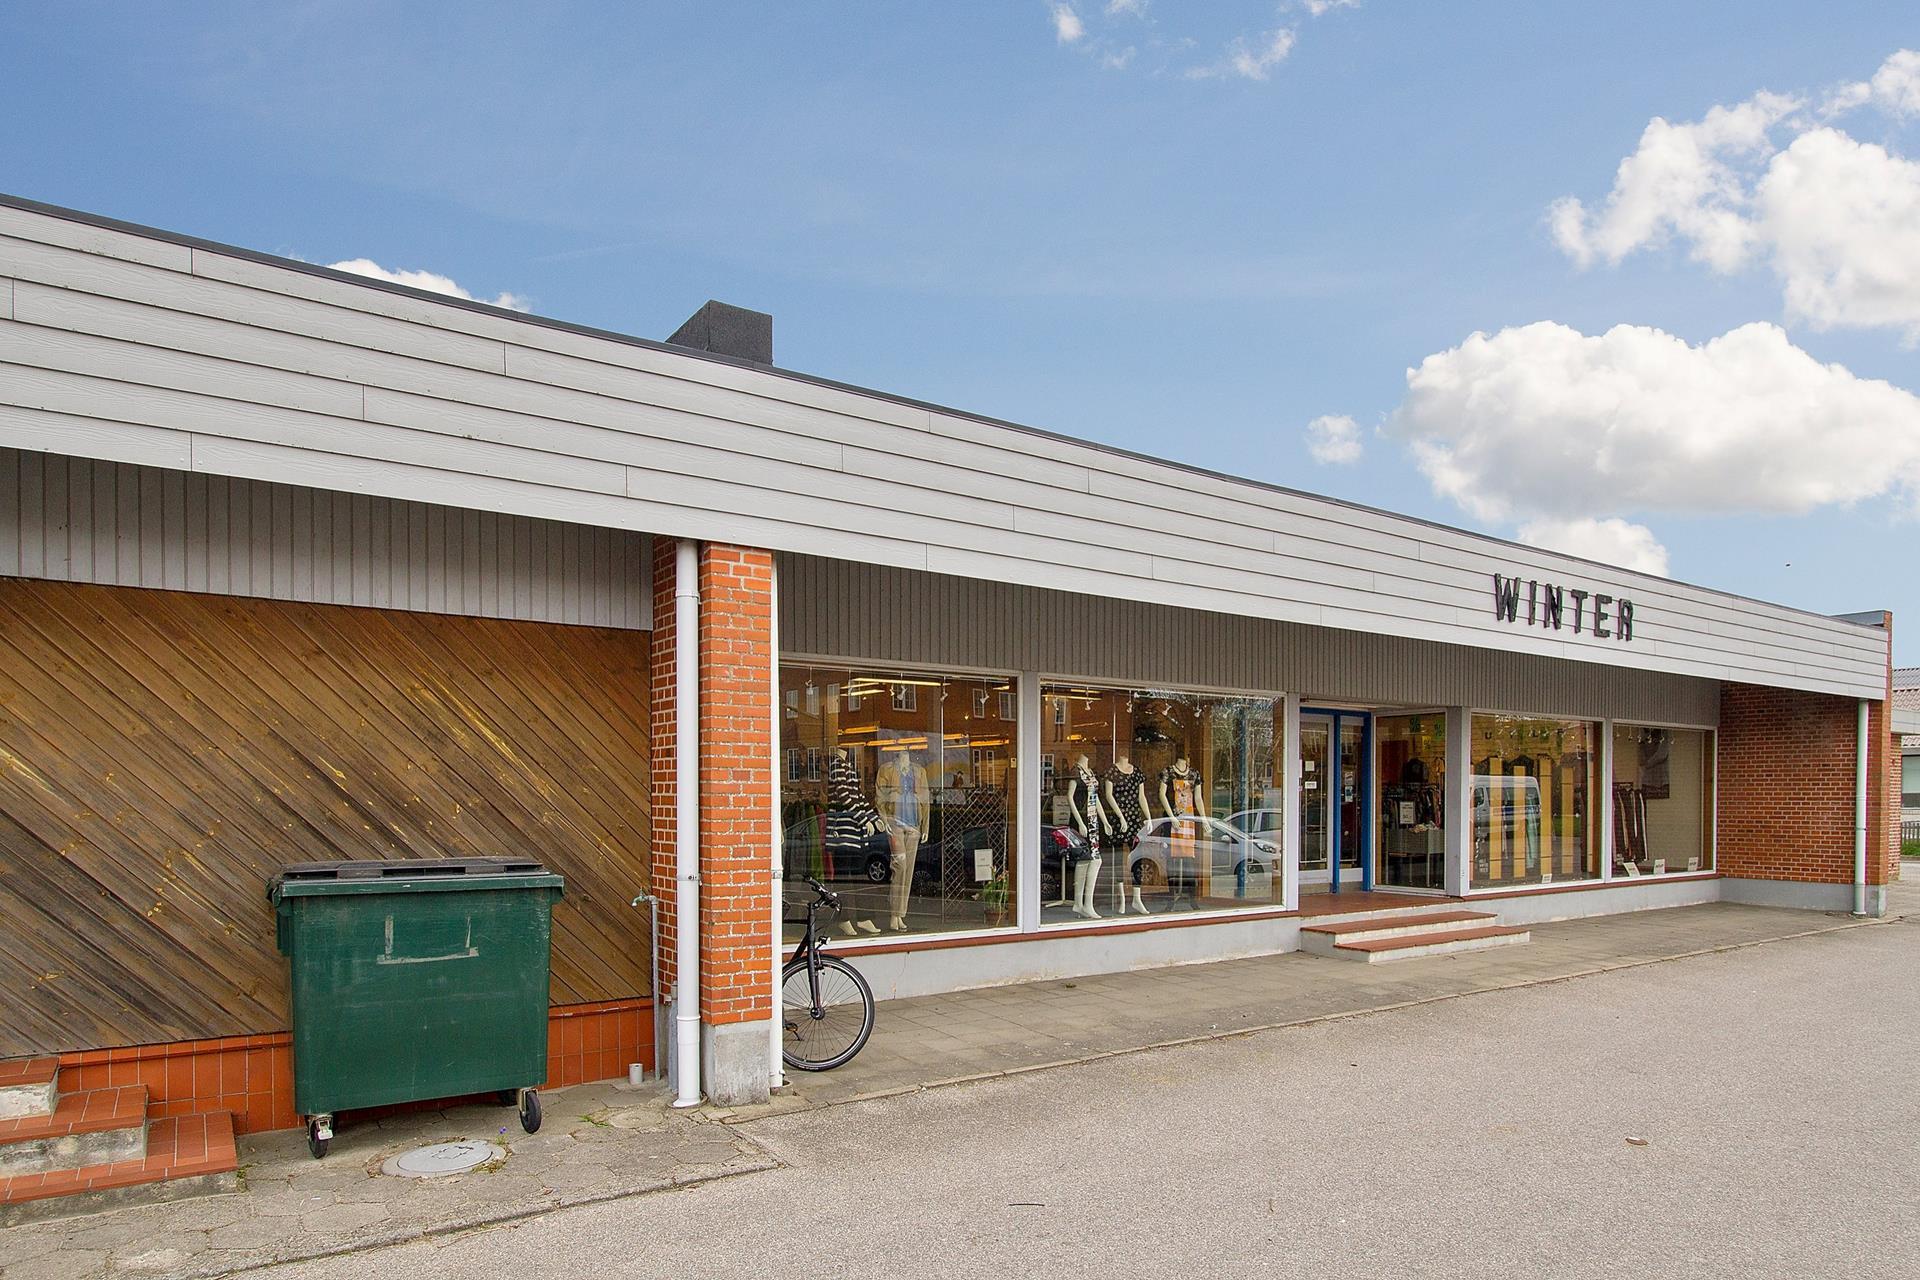 Bolig/erhverv på Storegade i Skærbæk - Ejendommen